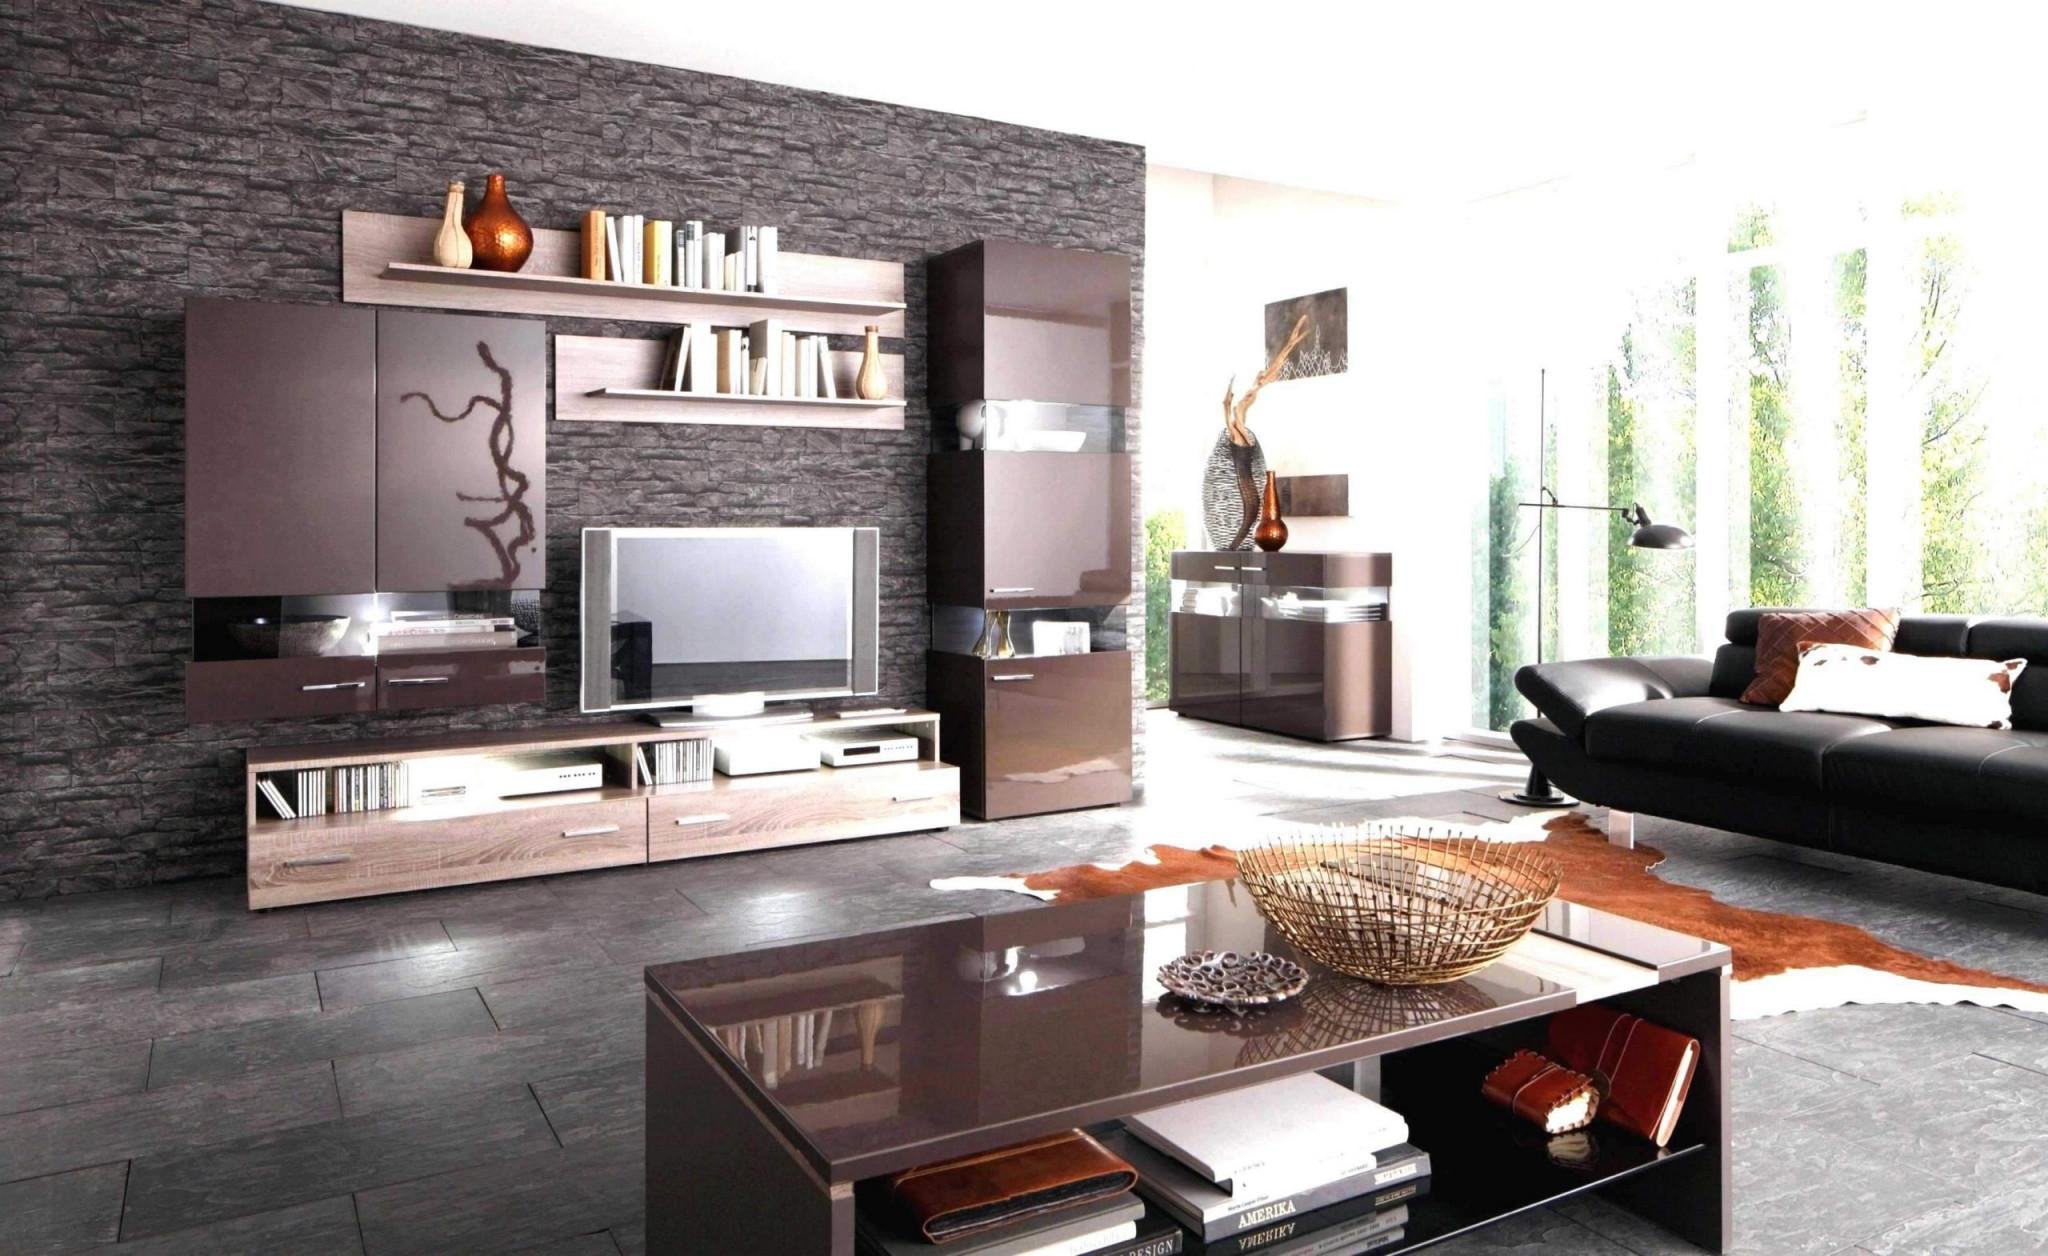 26 Elegant Wohnzimmer Ideen Braun Reizend  Wohnzimmer Frisch von Wohnzimmer Ideen Braun Bild